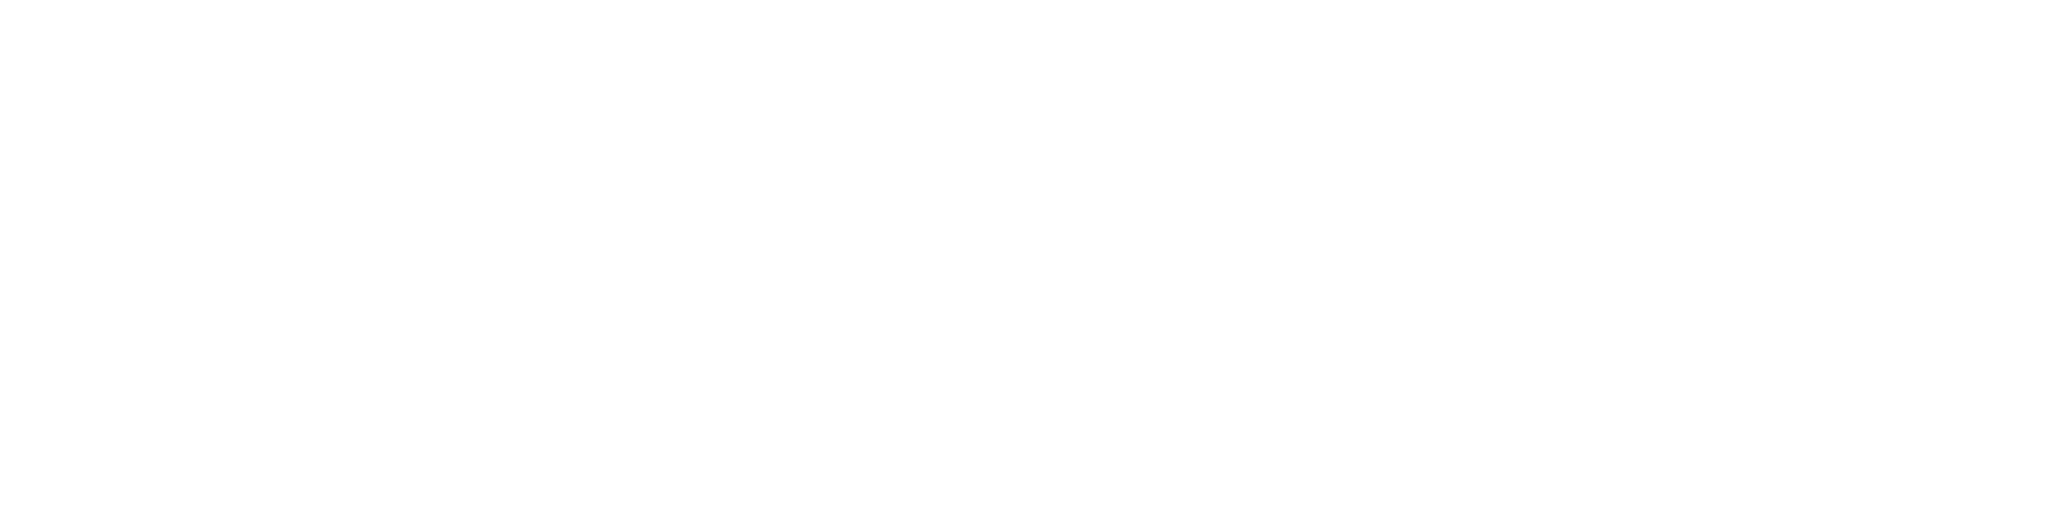 HP Intel Logos White